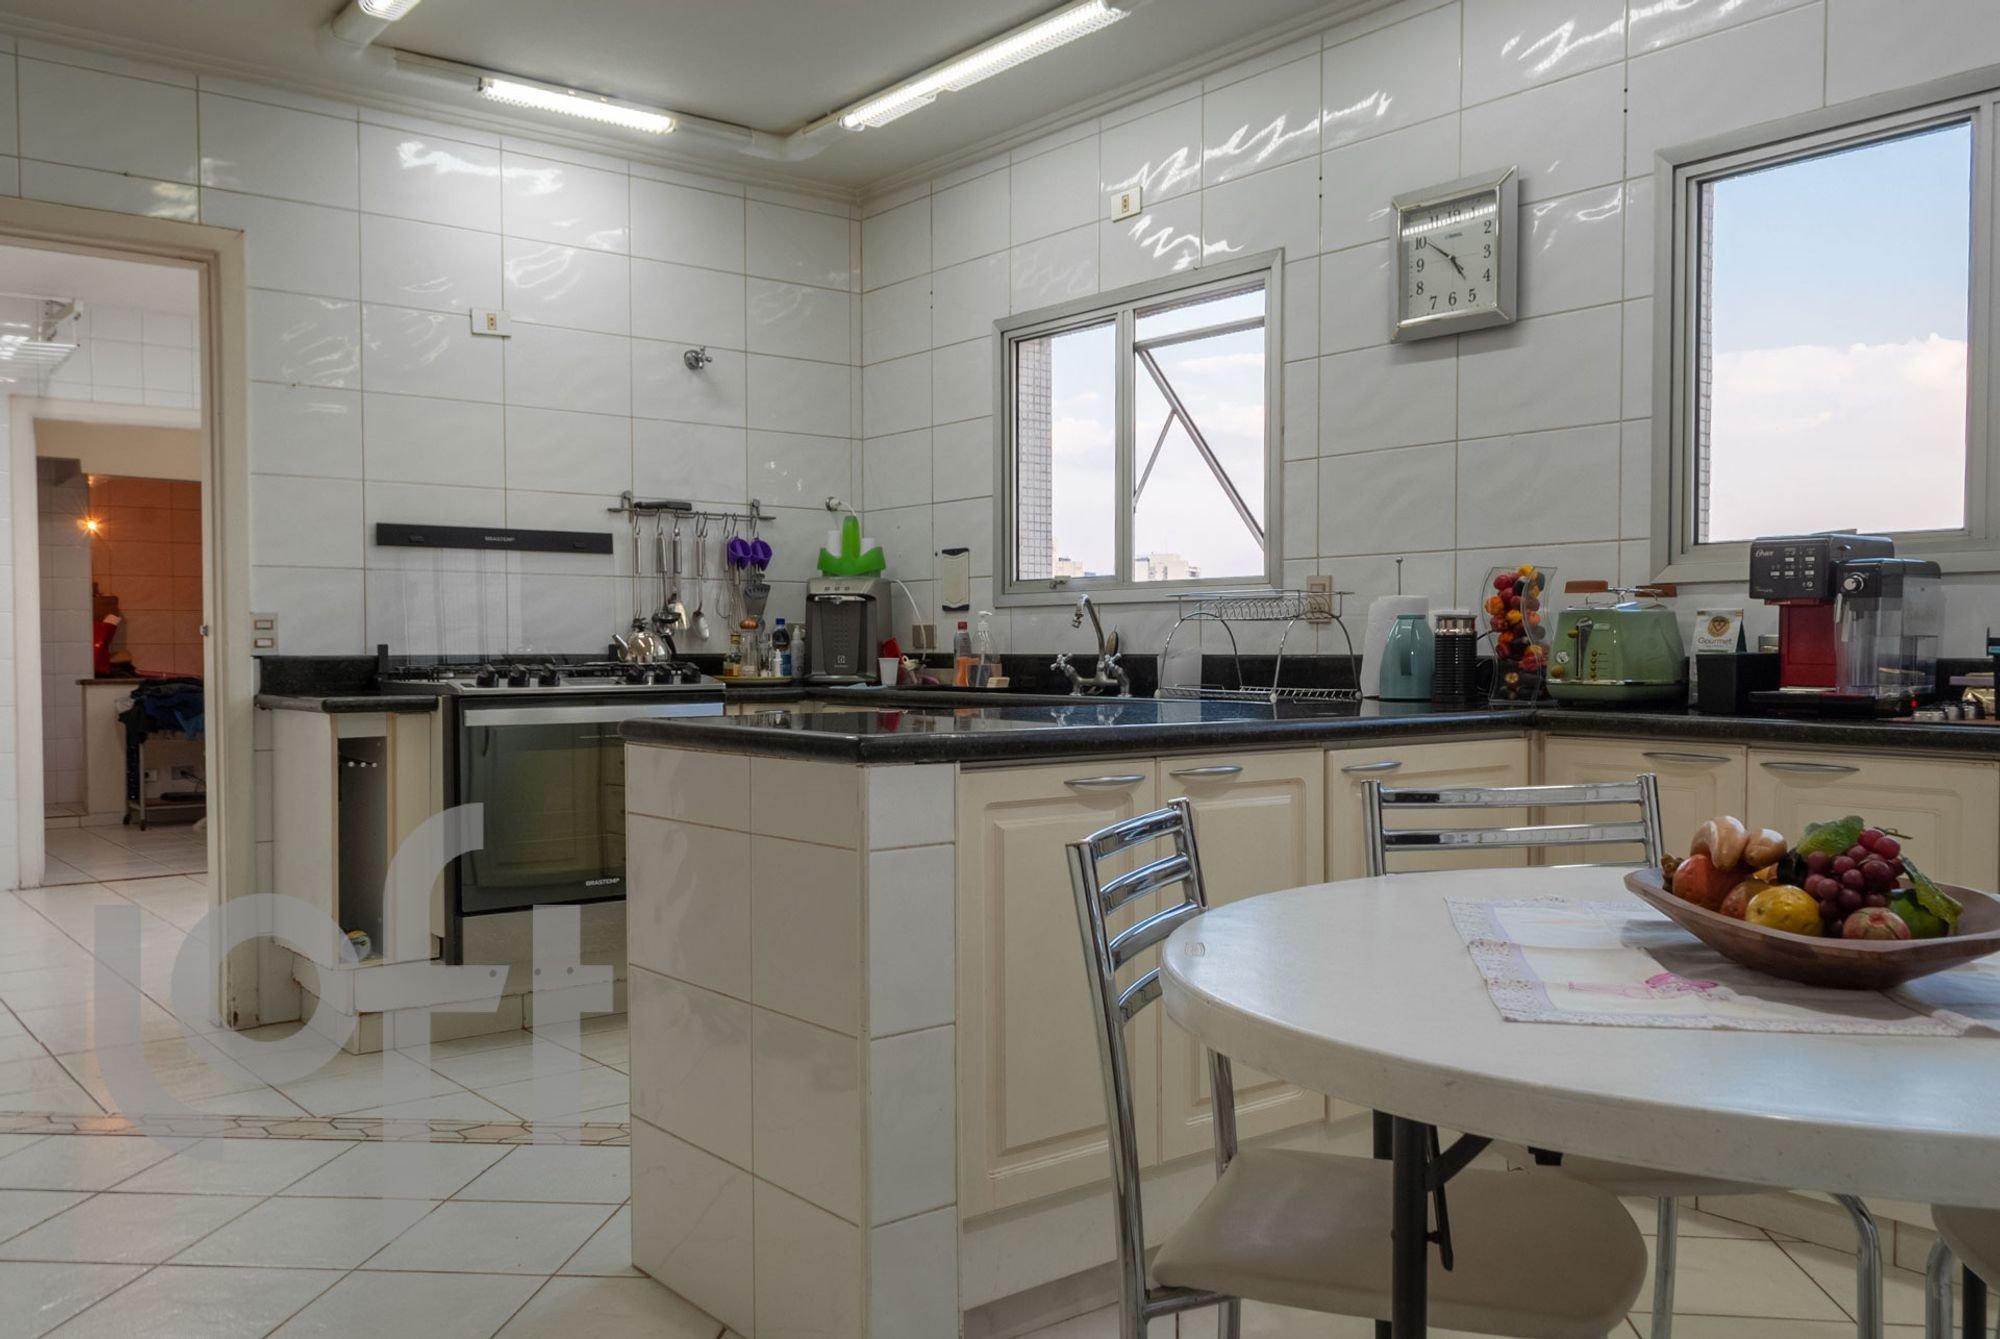 Foto de Cozinha com garrafa, tigela, cadeira, mesa de jantar